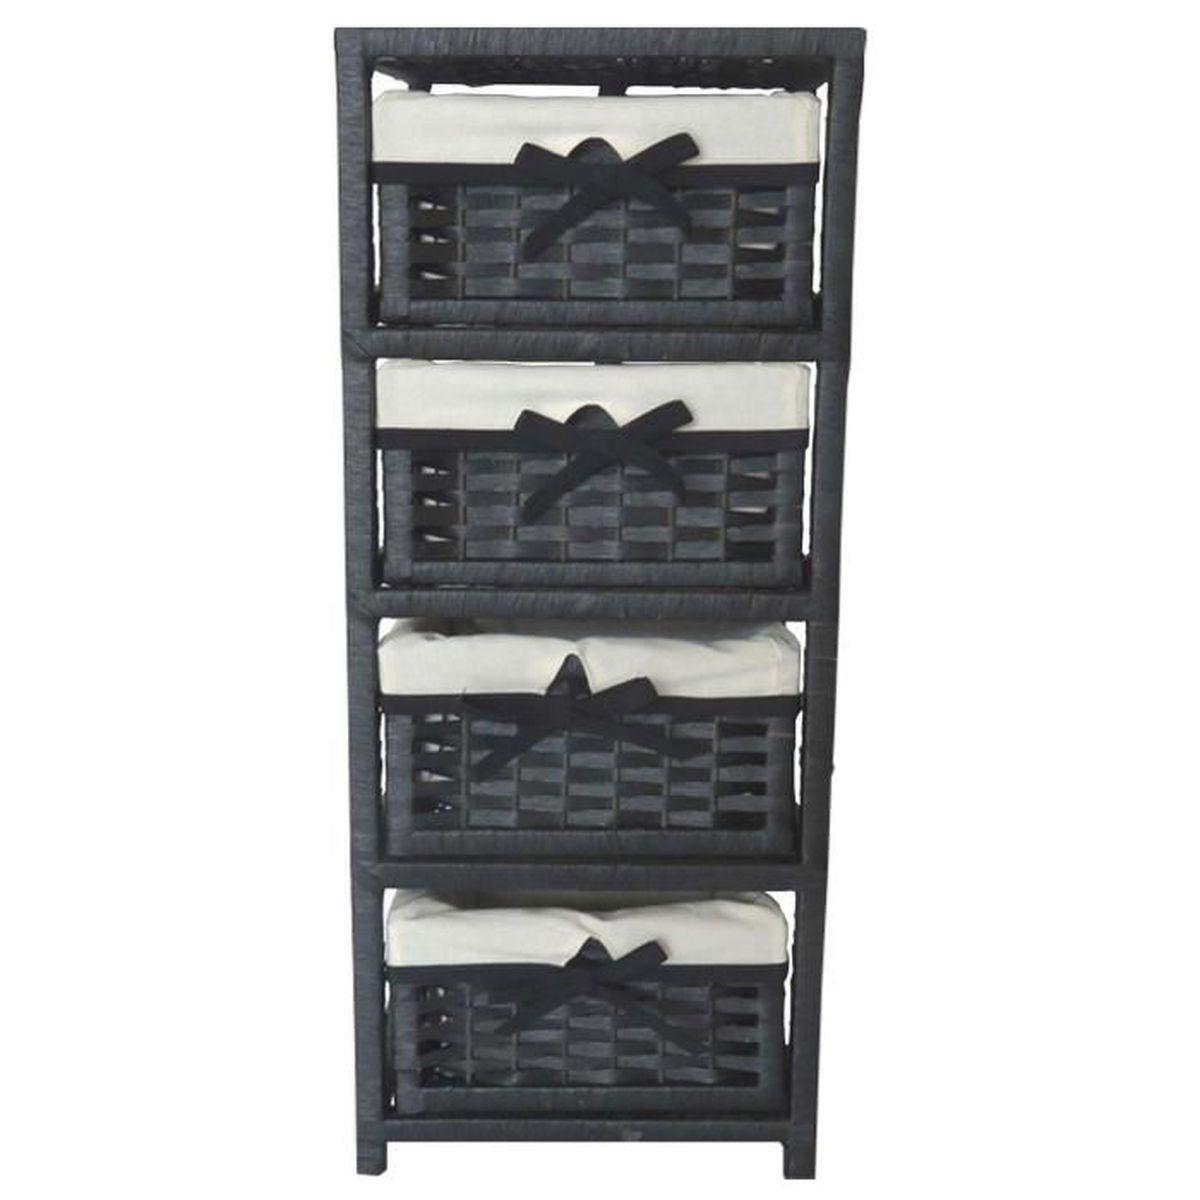 Meuble colonne 4 paniers de rangement ardoise achat vente petit meuble ra - Meuble rangement panier ...